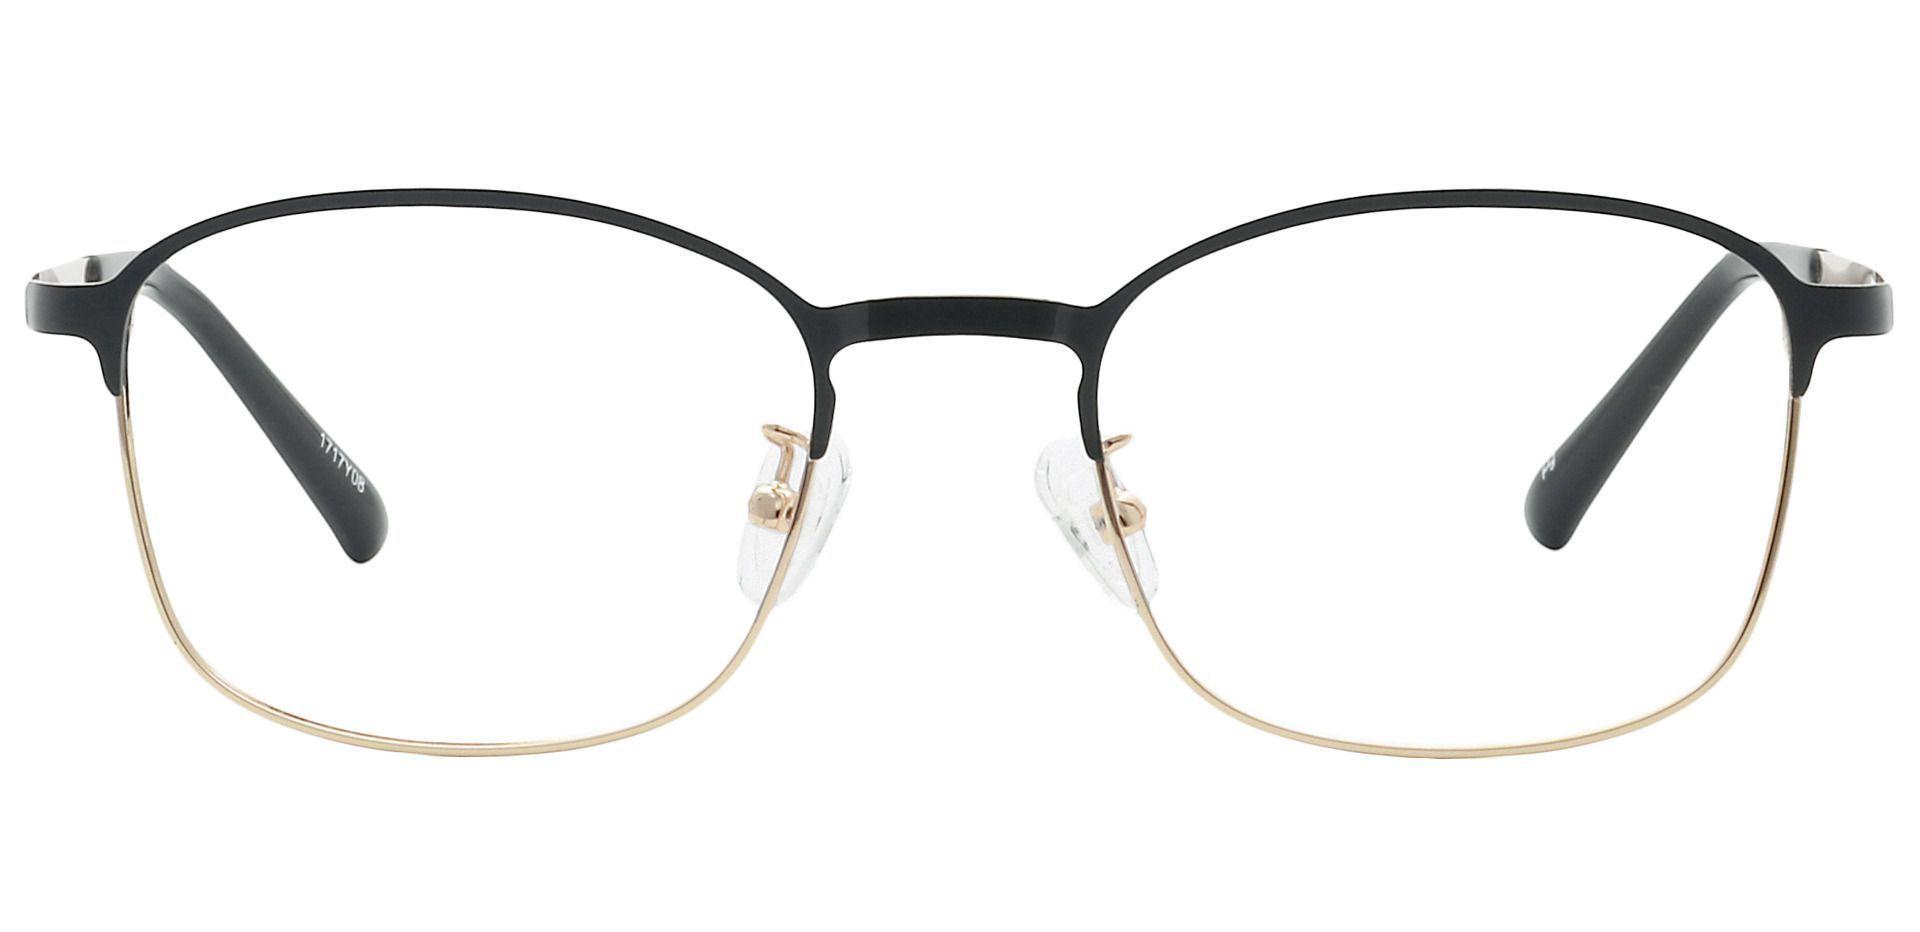 Carmen Square Blue Light Blocking Glasses - Gold